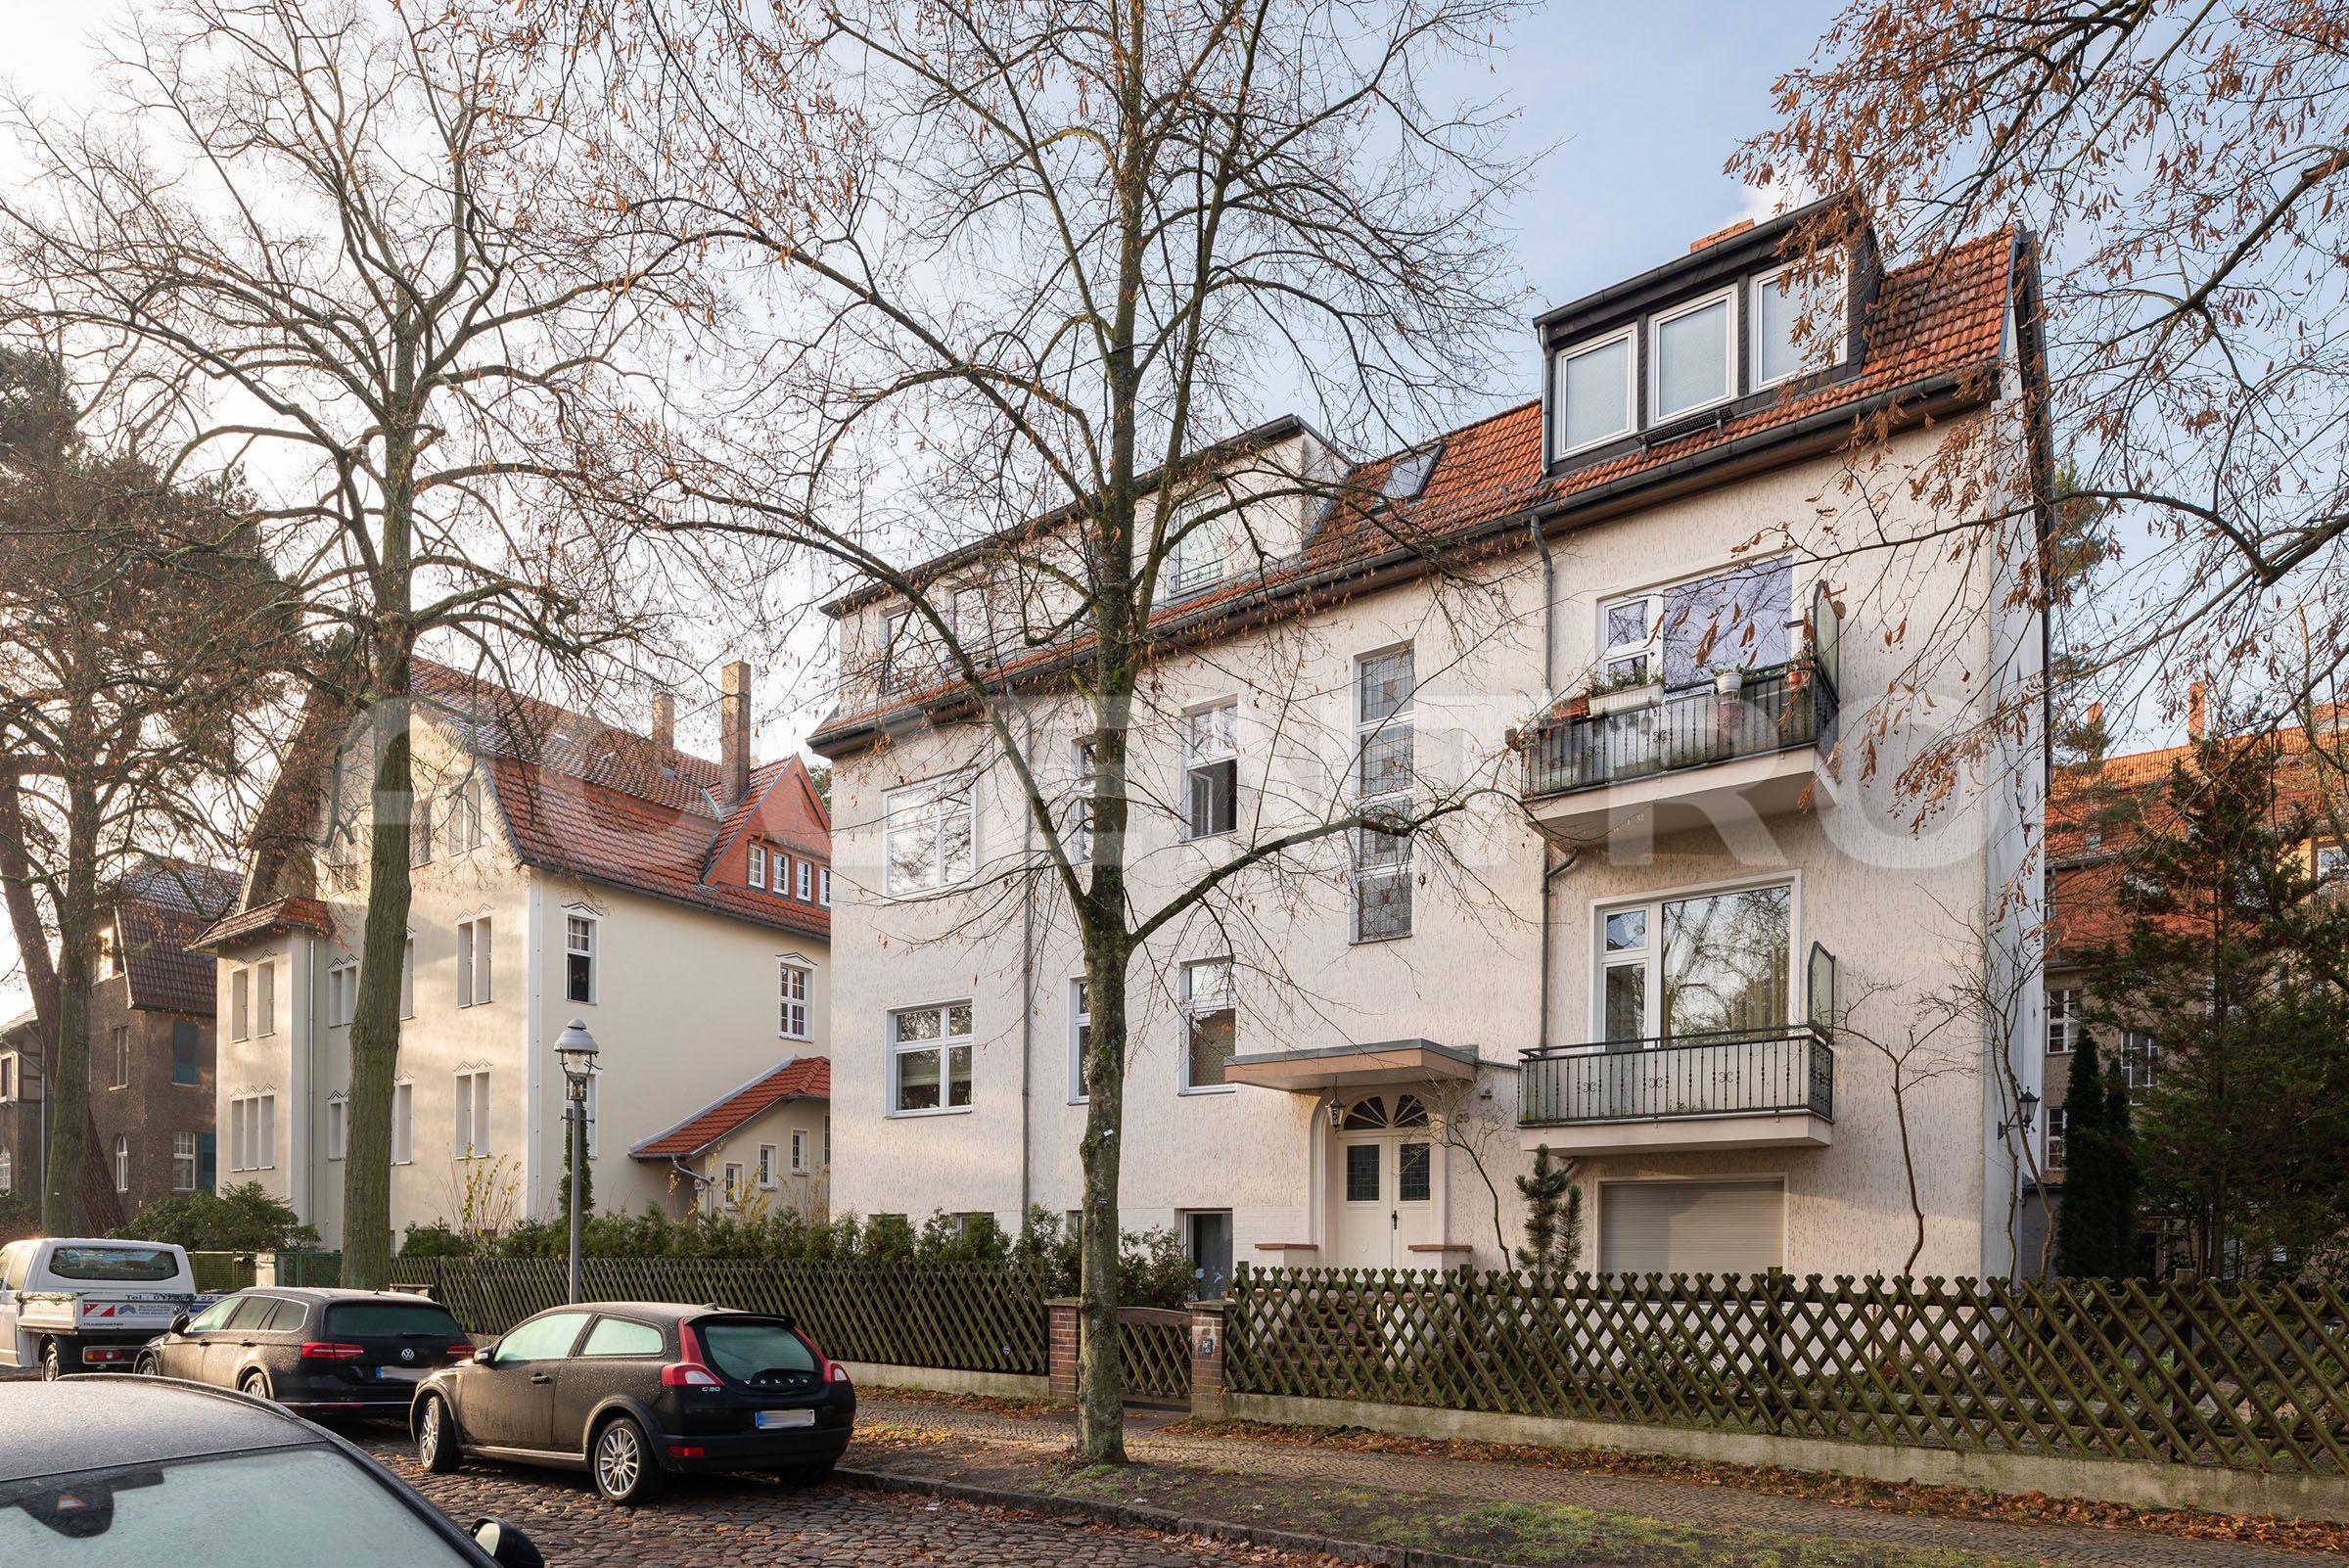 Wohnung kaufen in BerlinZehlendorf, Bergengruenstraße 25